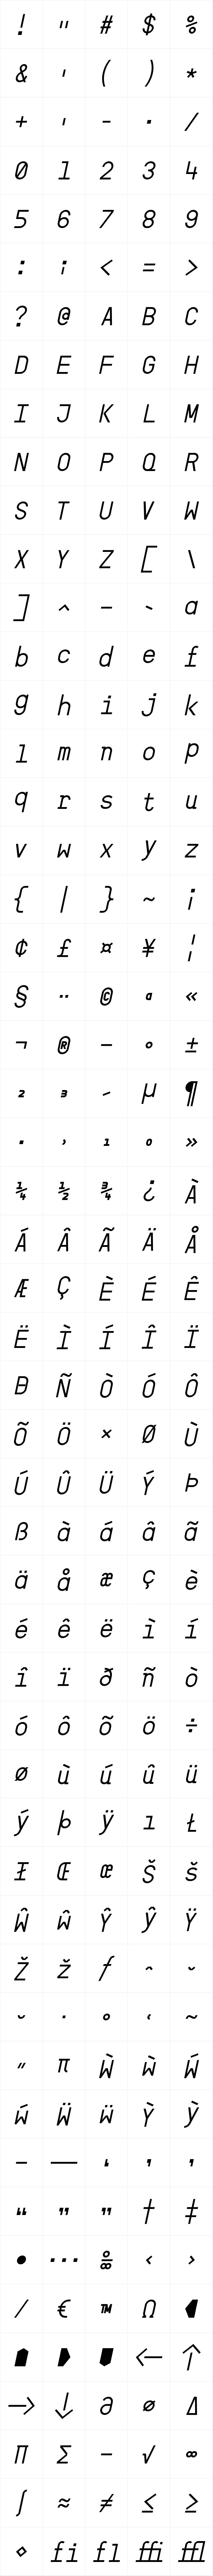 CDLX Mono Italic